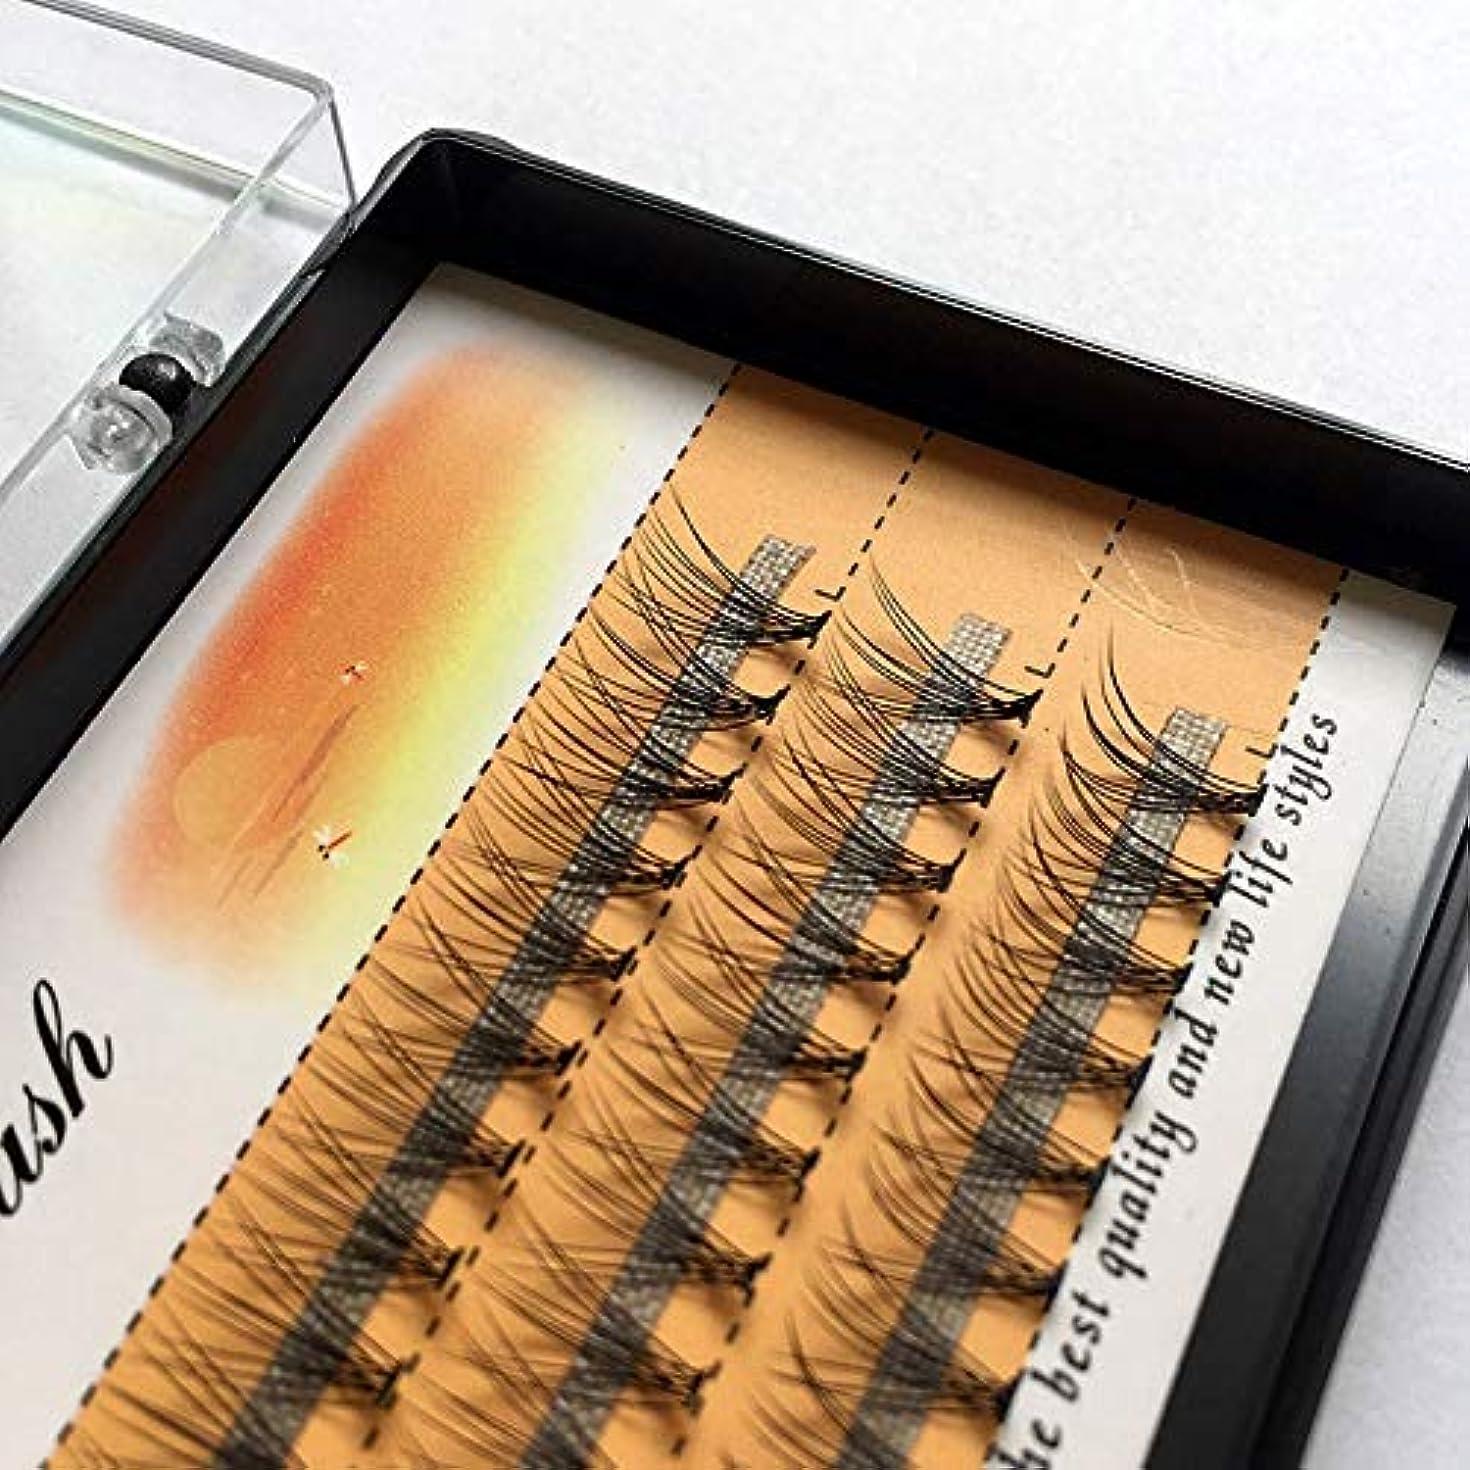 野球従順な公然と美容アクセサリー 3ボックスナチュラルロング個々フレアまつげクラスタつけまつげ60バンドル/ボックス(10mm) 写真美容アクセサリー (色 : 10mm)